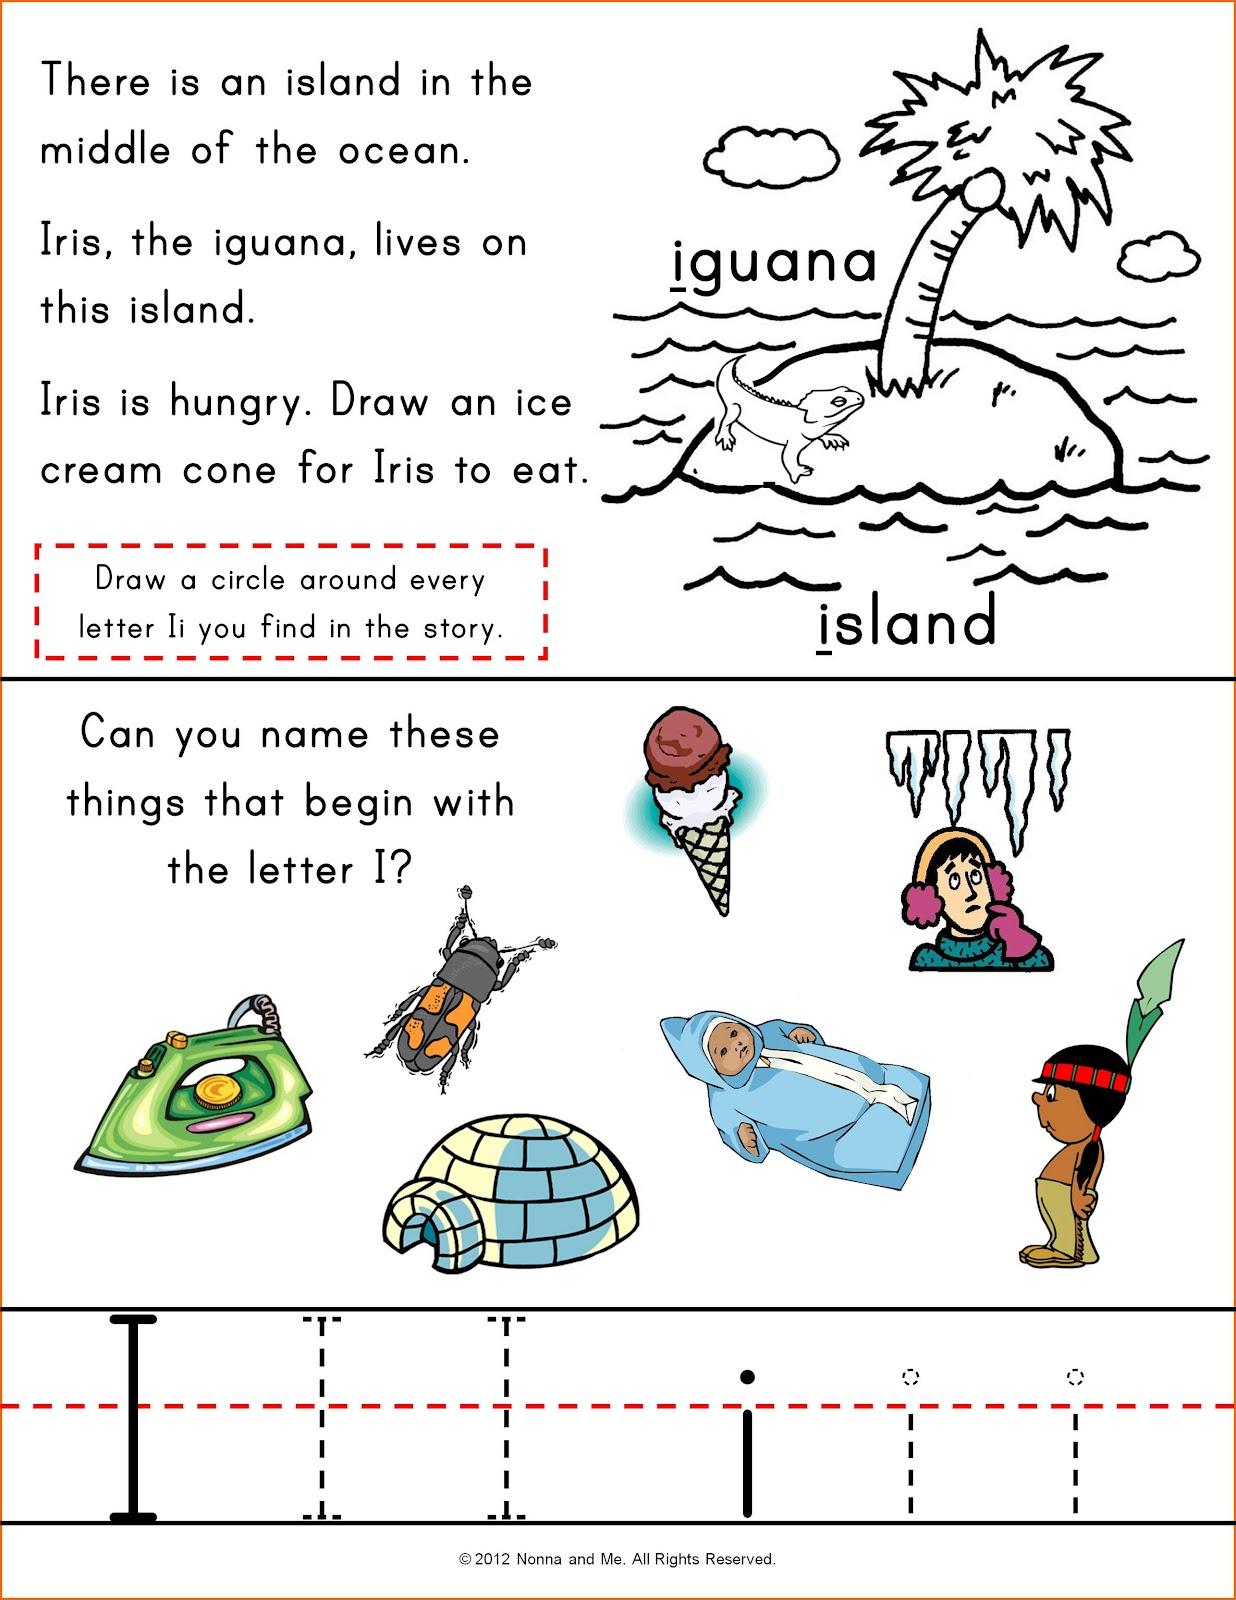 Nonna and Me: Iris the Iguana and Jane, Jon and Judy